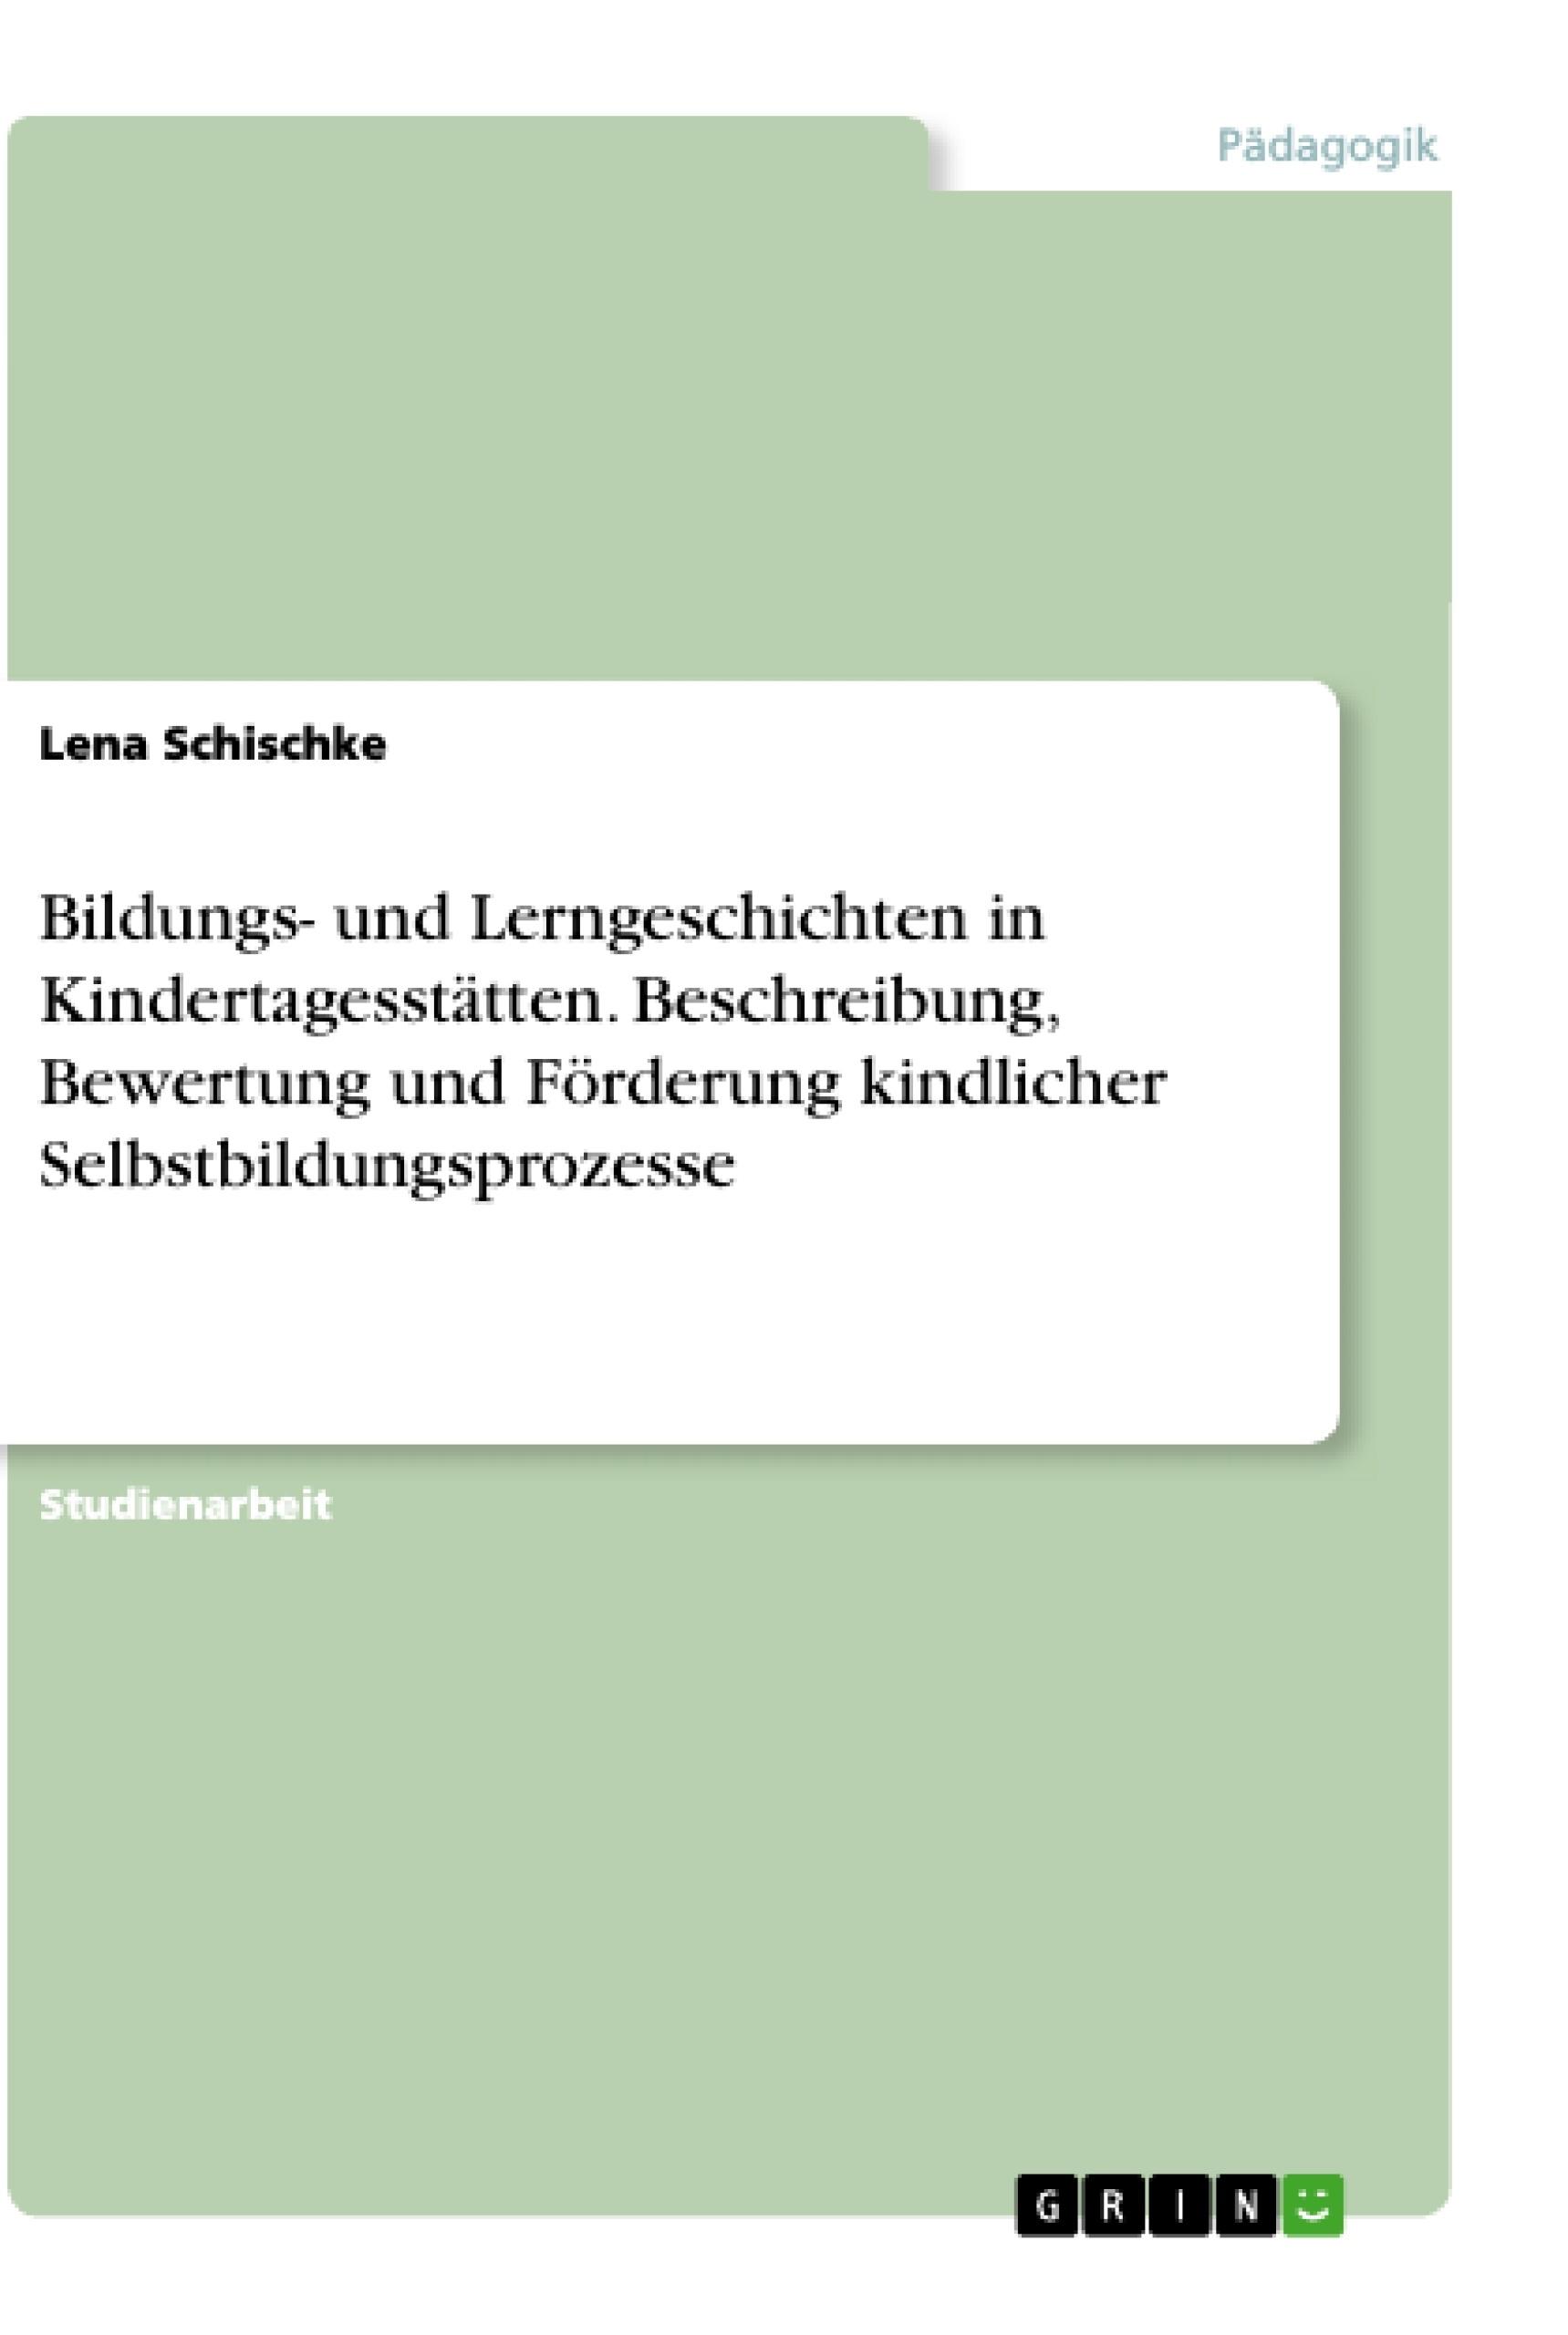 Titel: Bildungs- und Lerngeschichten in Kindertagesstätten. Beschreibung, Bewertung und Förderung kindlicher Selbstbildungsprozesse